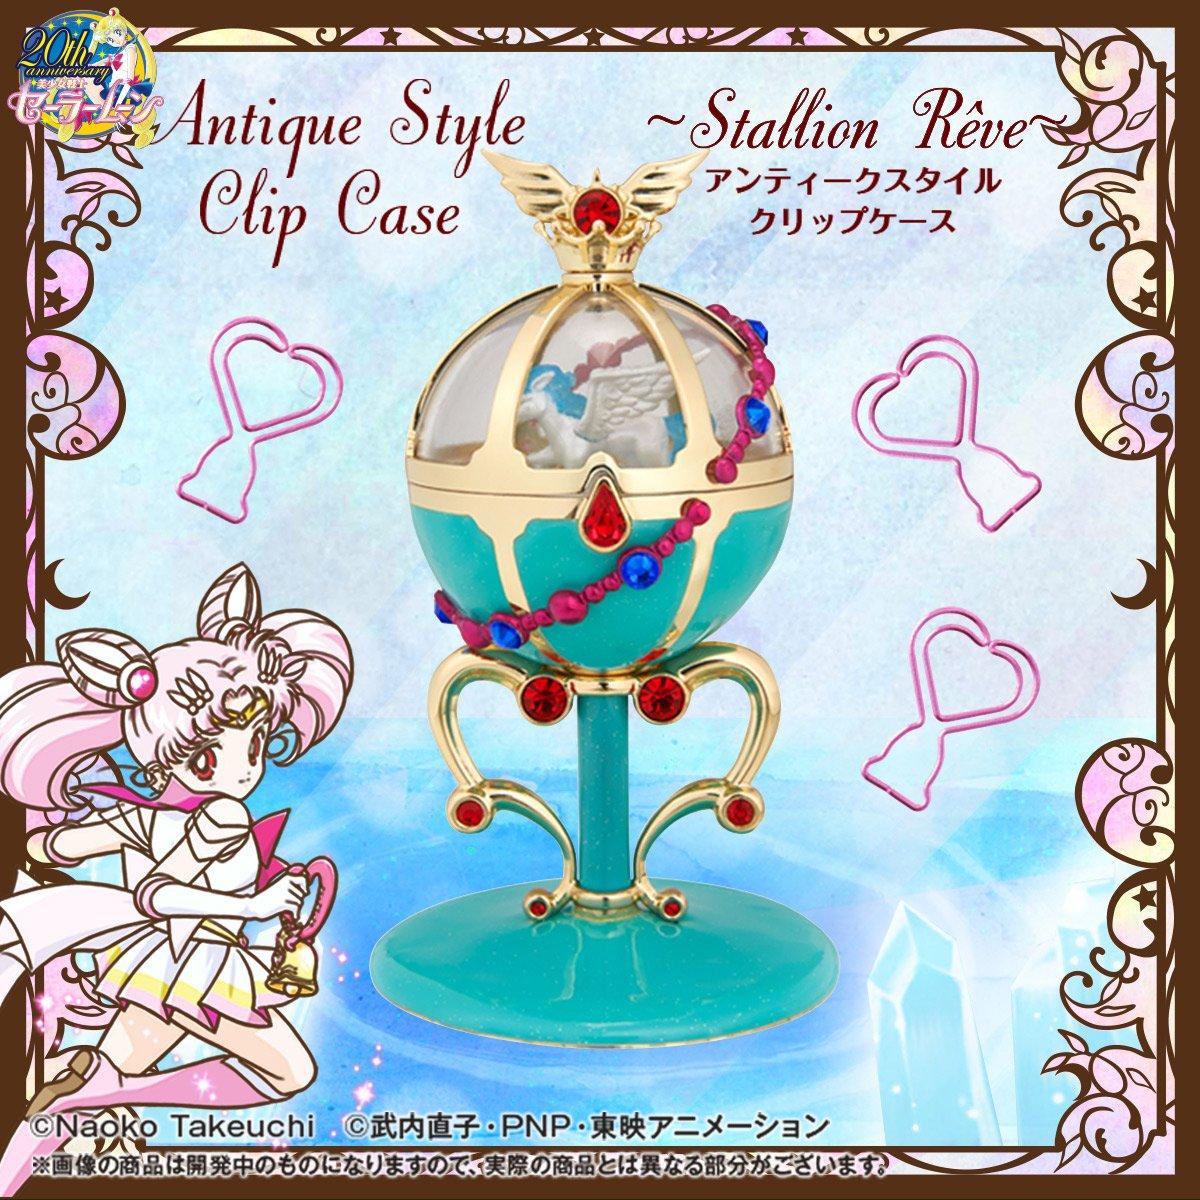 美少女戦士セーラームーン クリップケース スタリオン・レーヴNEW #SailorMoon Stallion Reve